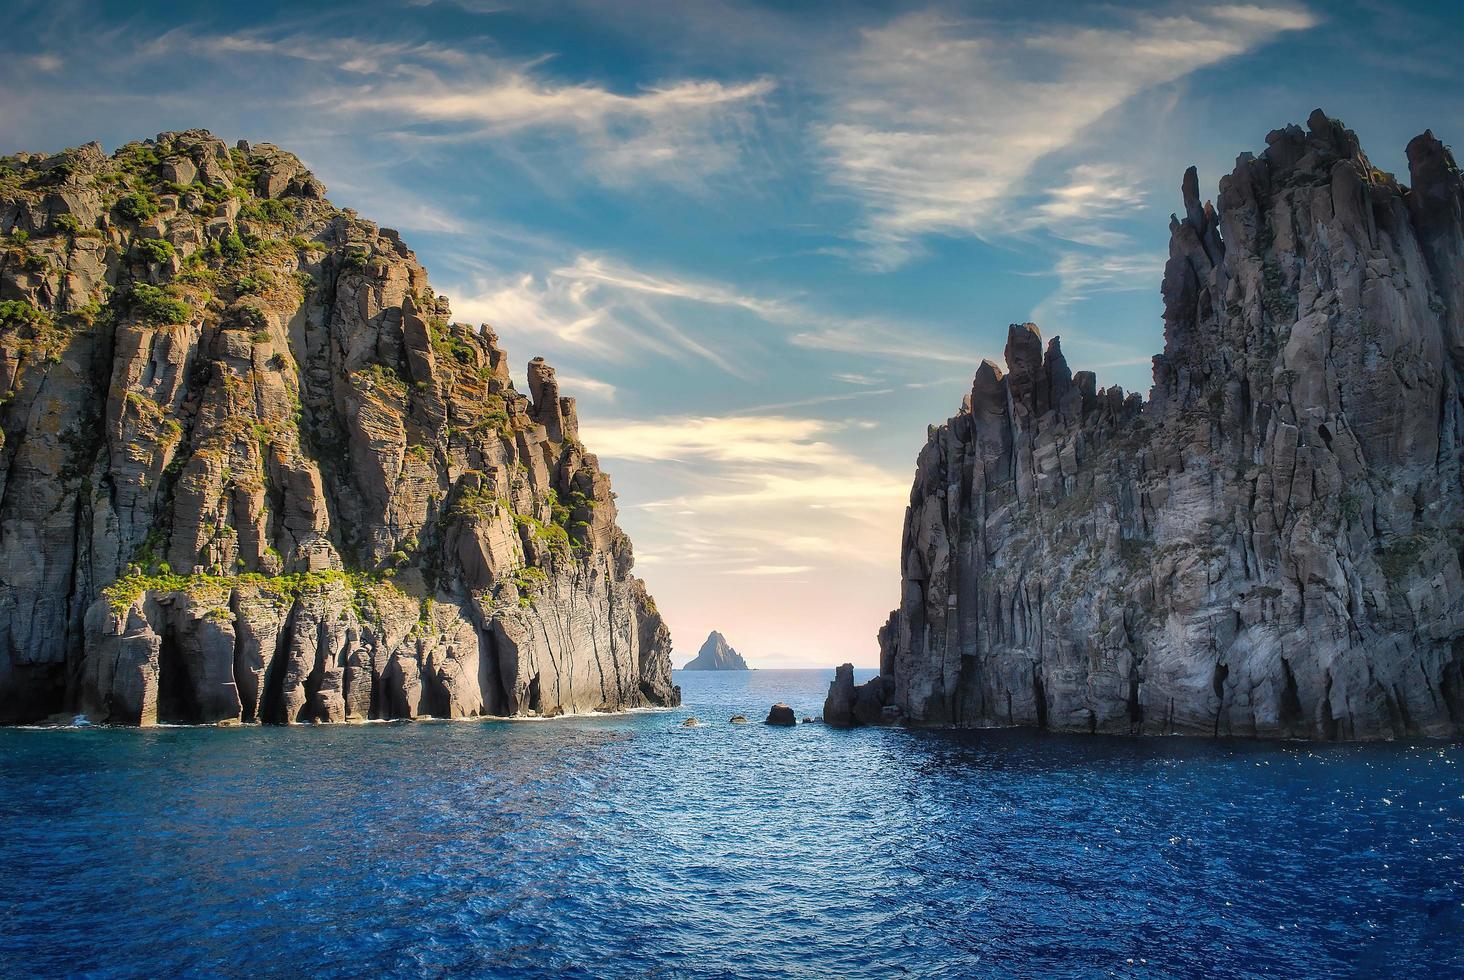 isola di Stromboli nelle Isole Eolie foto